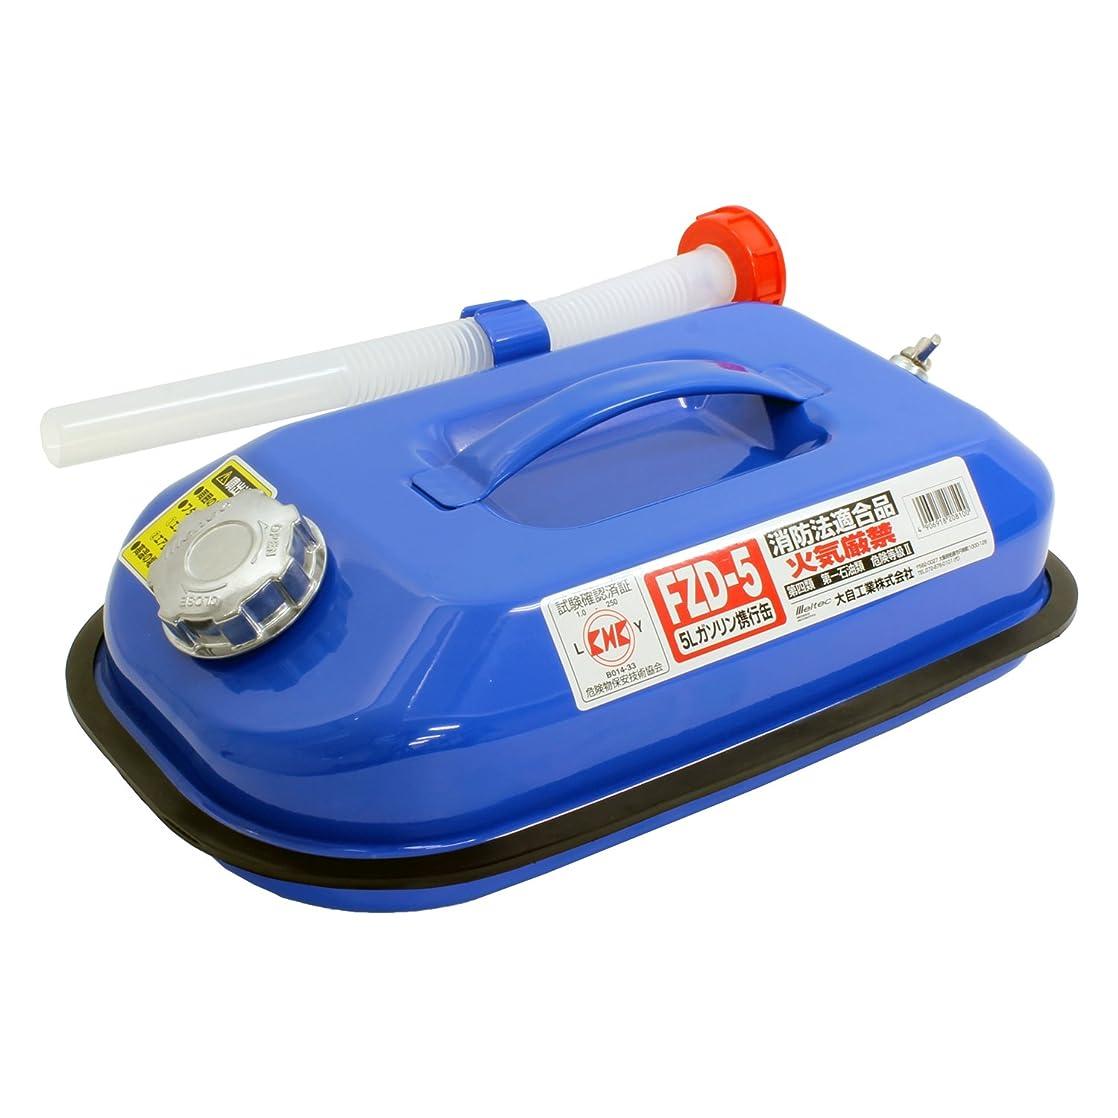 どんなときも算術たくさんメルテック ガソリン携行缶 5L 消防法適合品 KHK [亜鉛メッキ鋼鈑] 鋼鈑厚み:0.8㎜ 積重ねタイプ ブルー Meltec FZD-5